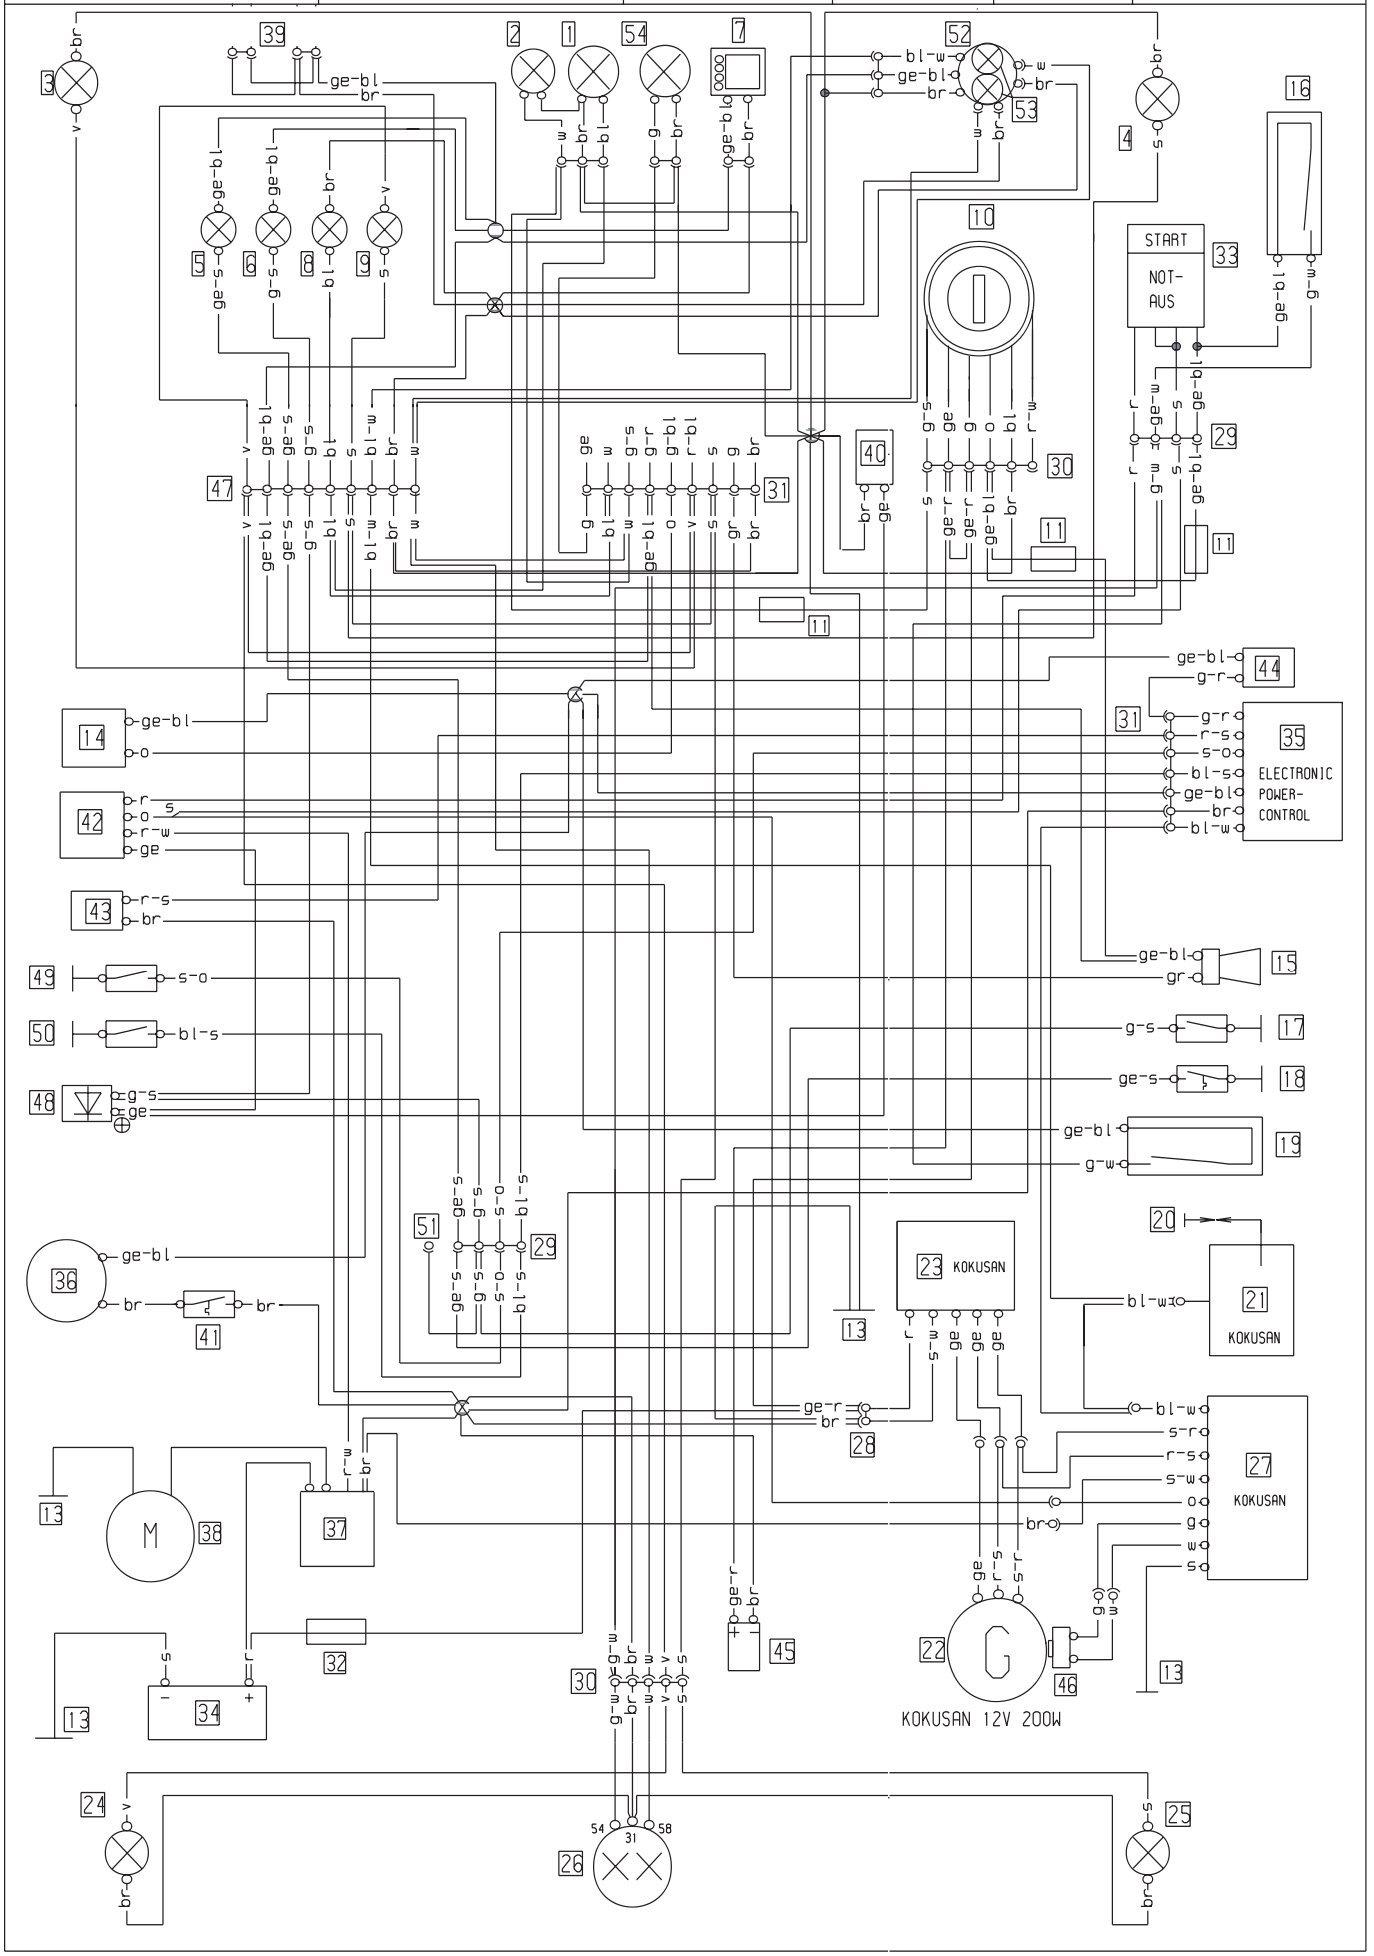 ktm 640 adventure wiring diagram - wiring diagram page add-note -  add-note.granballodicomo.it  granballodicomo.it